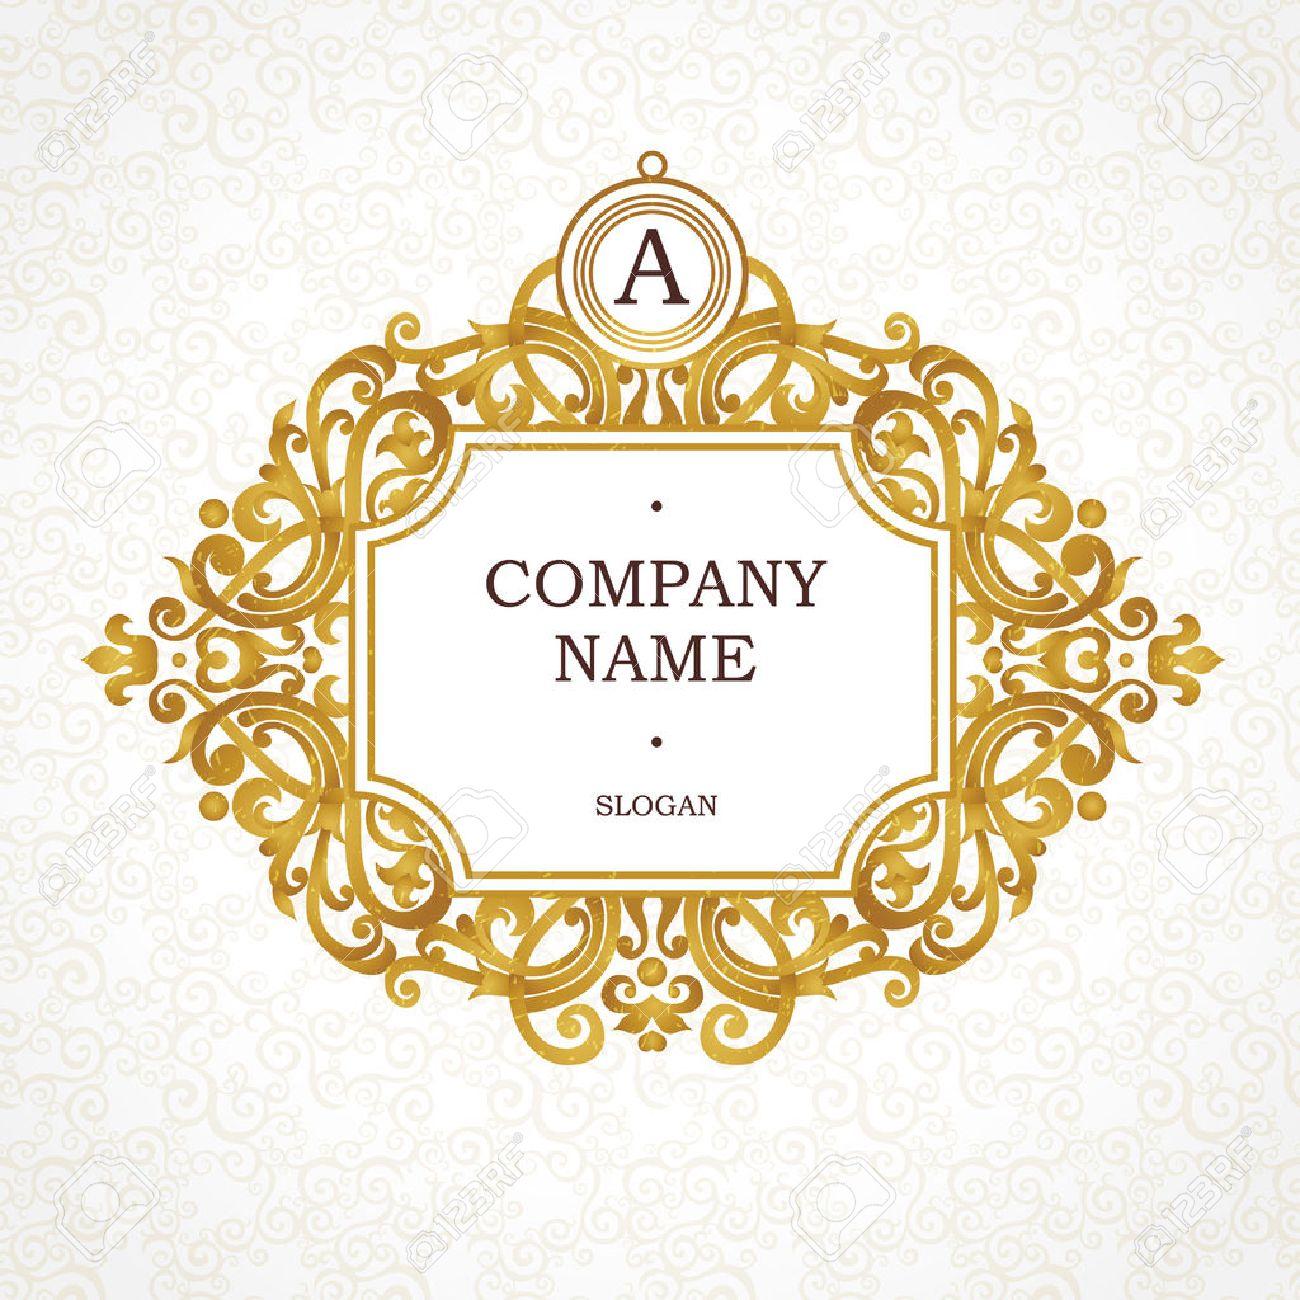 Place Pour Le Nom De Lentreprise Et Slogan Vignette Floral Ornement Carte Visite Invitations Mariage Certificat